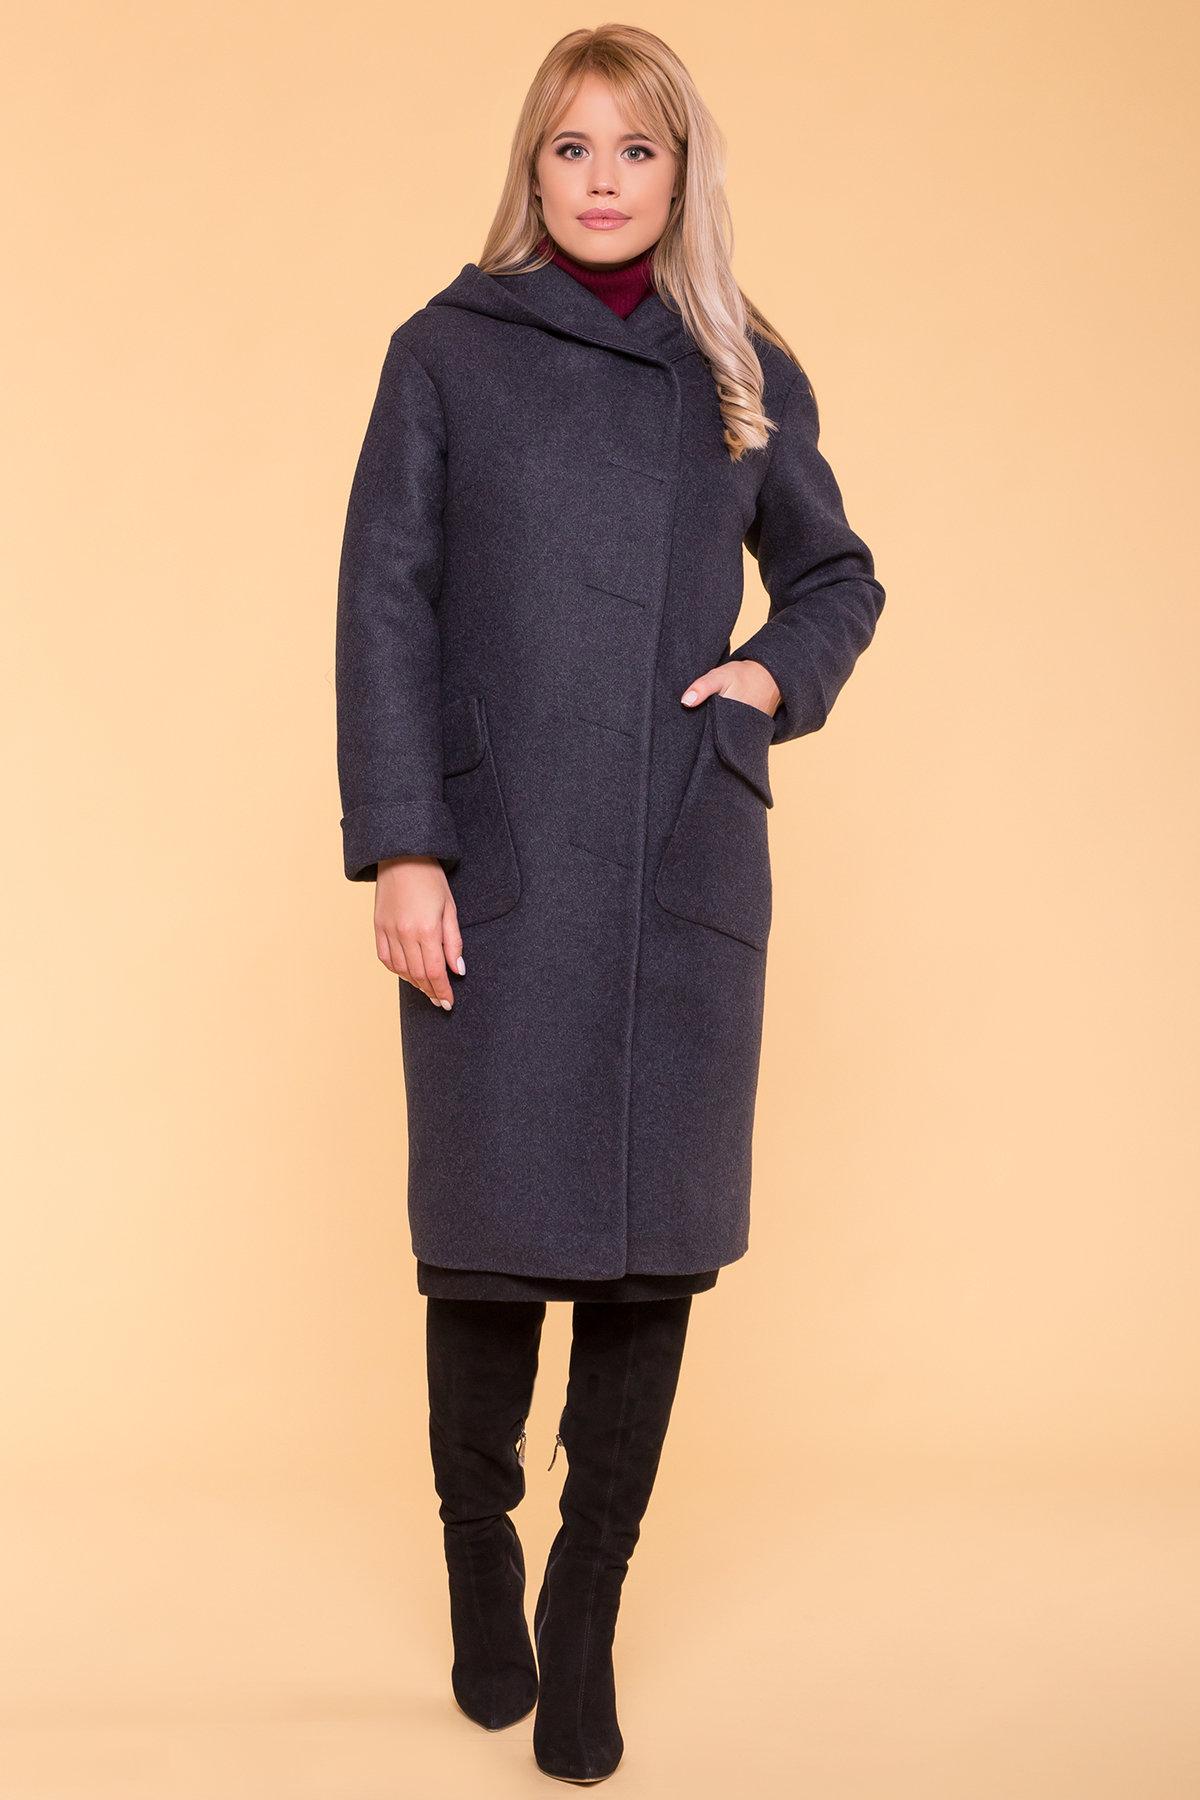 Пальто зима Анджи 5501 АРТ. 37018 Цвет: Синий/Зеленый 72 - фото 4, интернет магазин tm-modus.ru